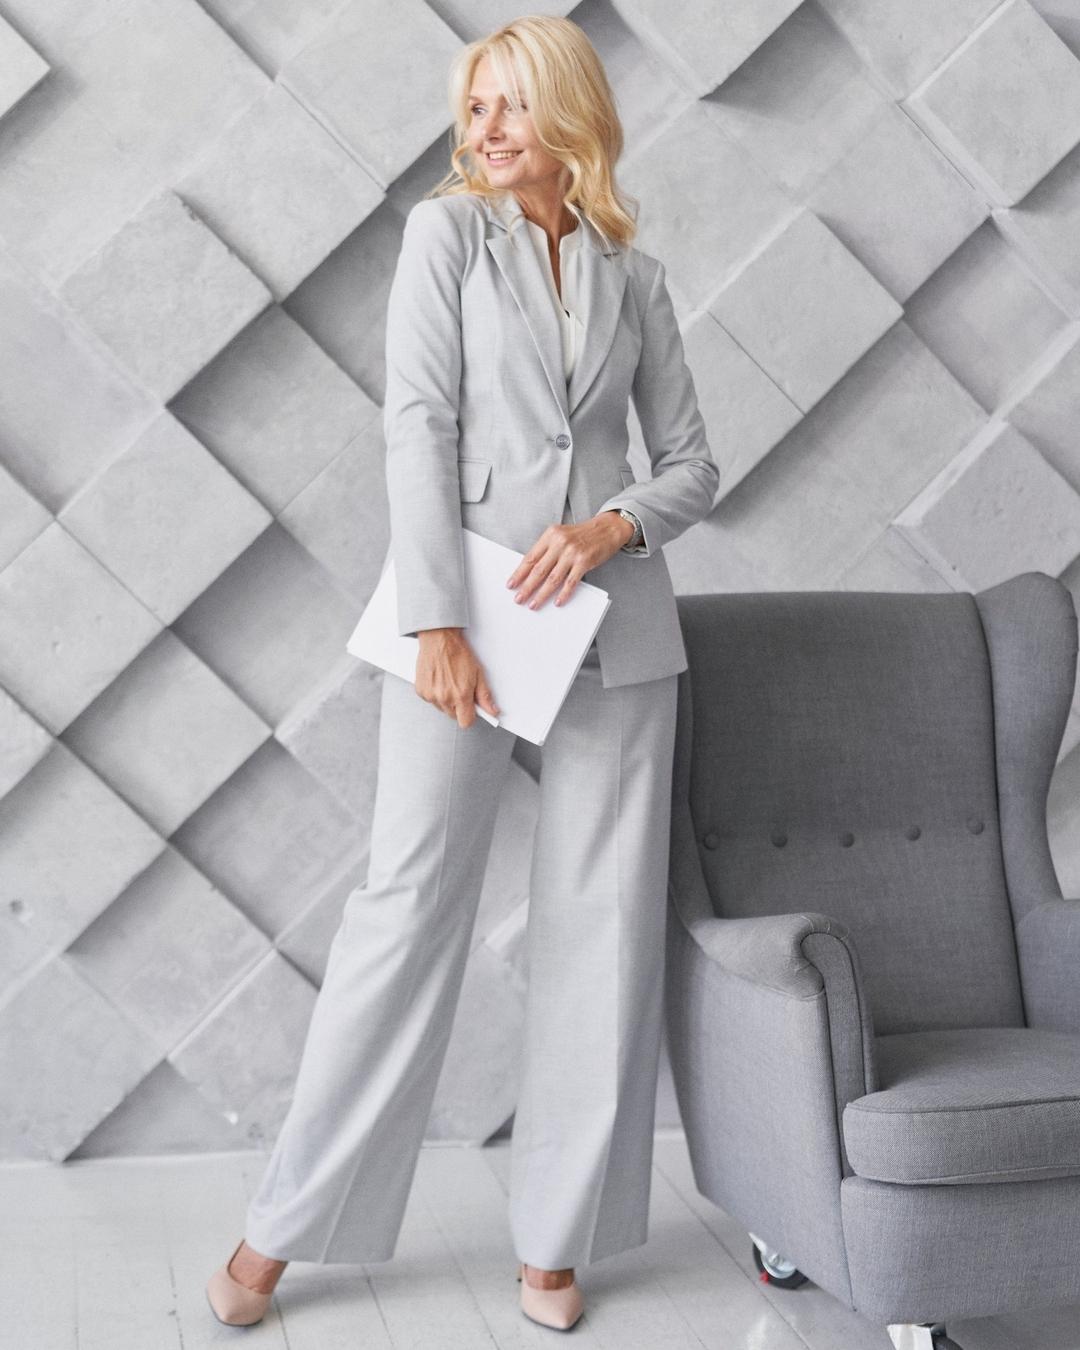 модный женский брючный костюм украинский бренд осень 2021 белый серый